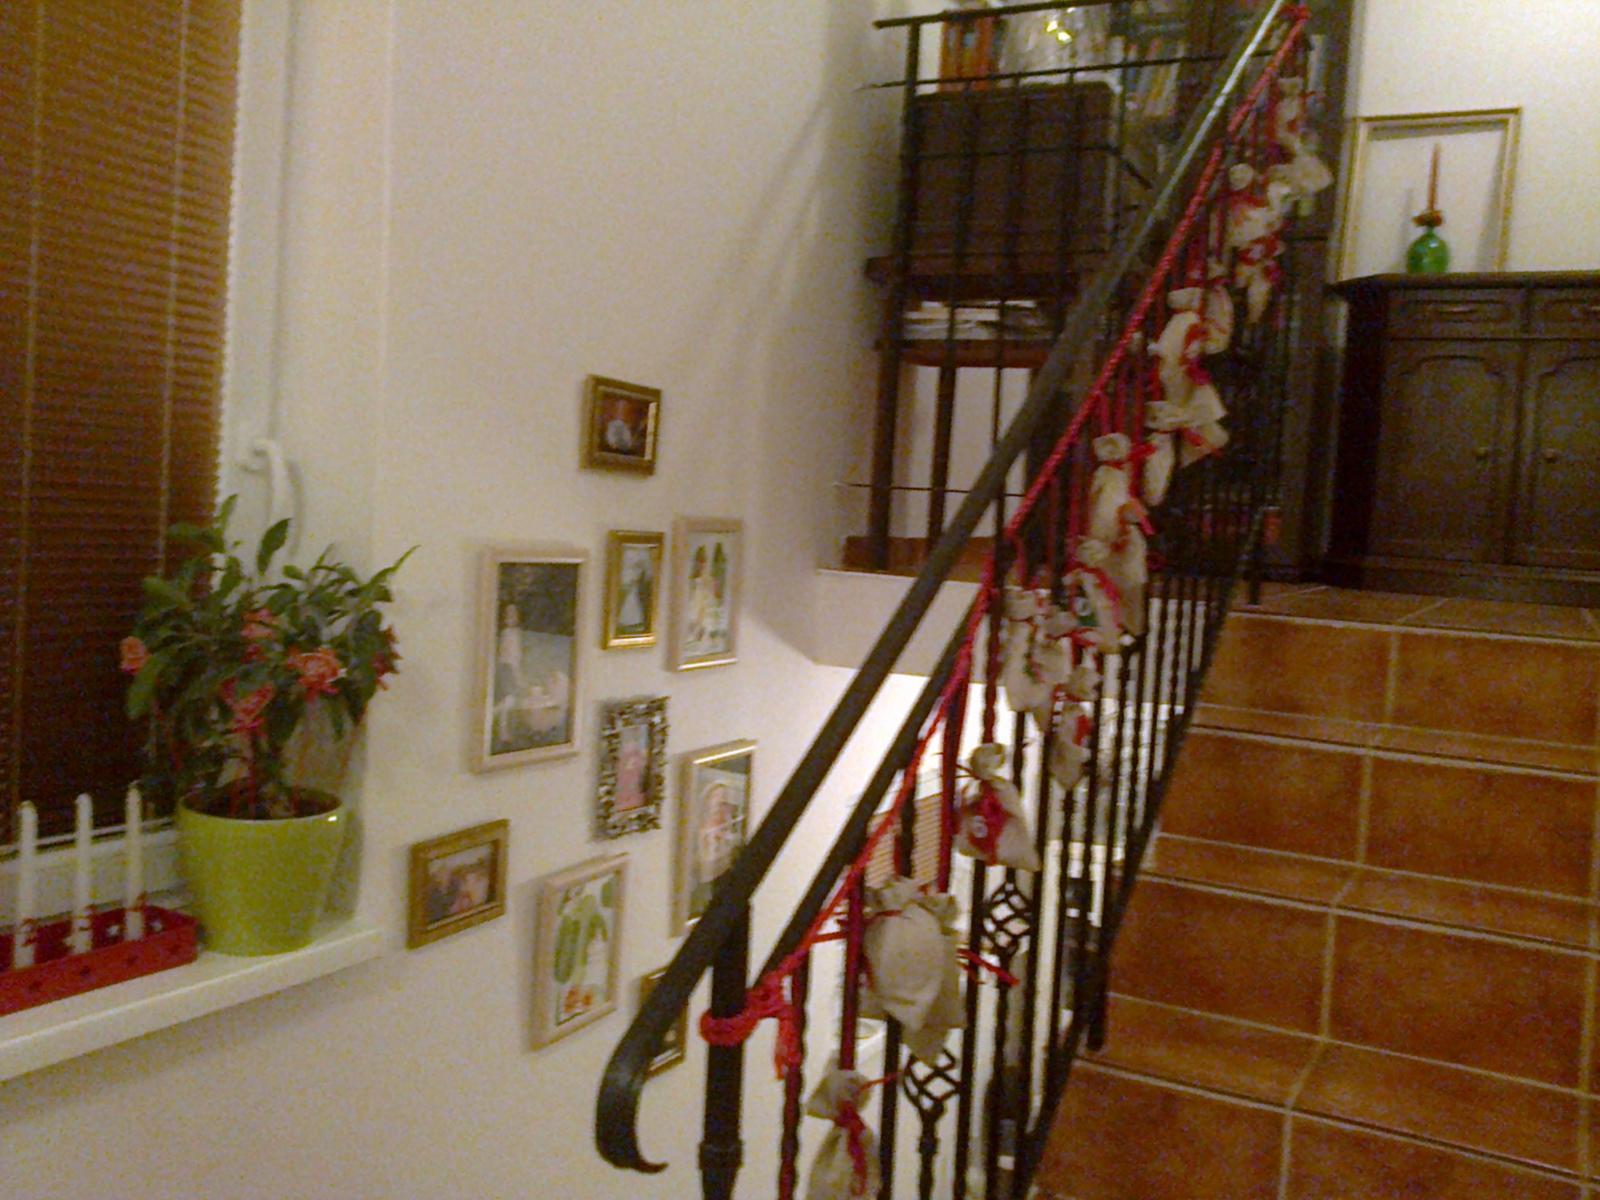 Naše bývanie - Vianoce 2015 - adventný kalendár, na stene fotky mojich blízkych + maľby. Nie, nepripomínam Vianoce... len naozaj nemám novšie fotky. :-)